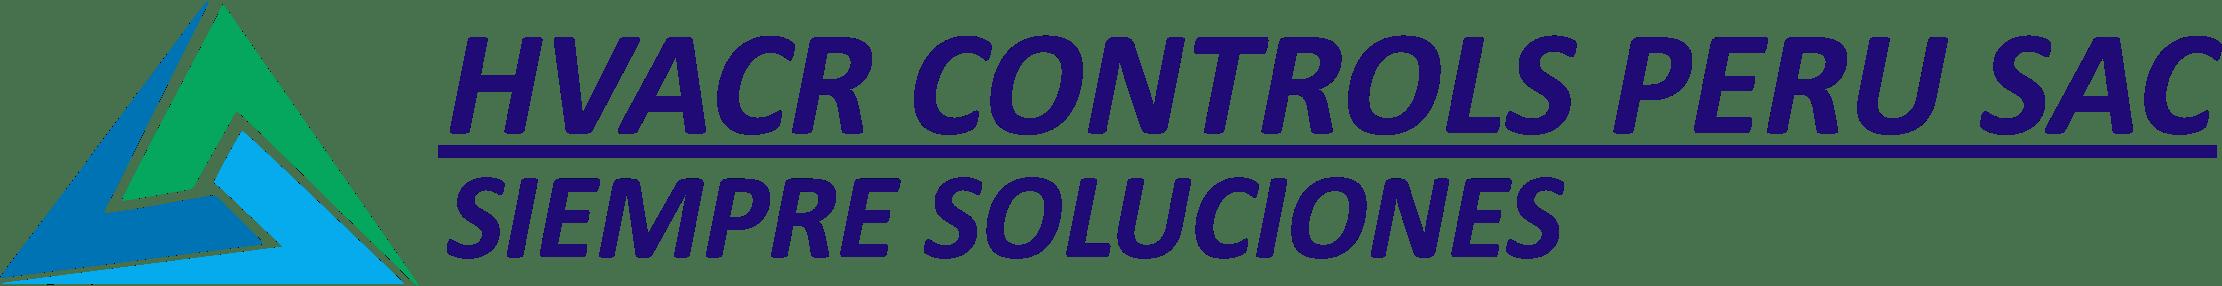 HVACR CONTROLS PERU